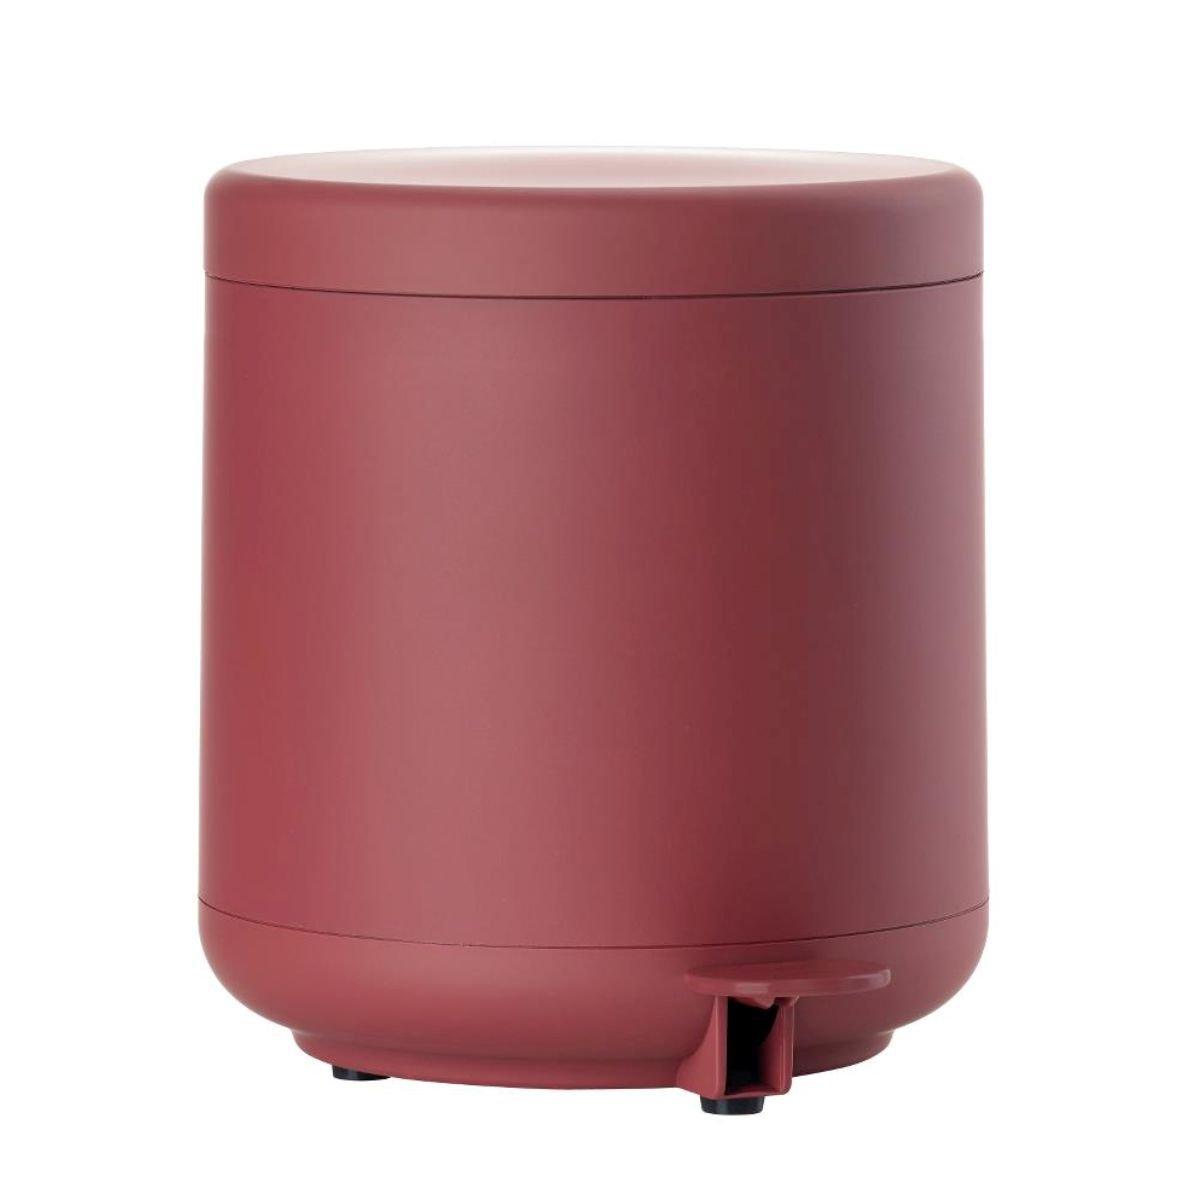 Zone Pedale Secchio di Ume, in plastica con Soft Touch, Maroon Red, Circa 22 cm H | ZO di 381086 | 5708760660407 Circa 22cm H | ZO di 381086| 5708760660407